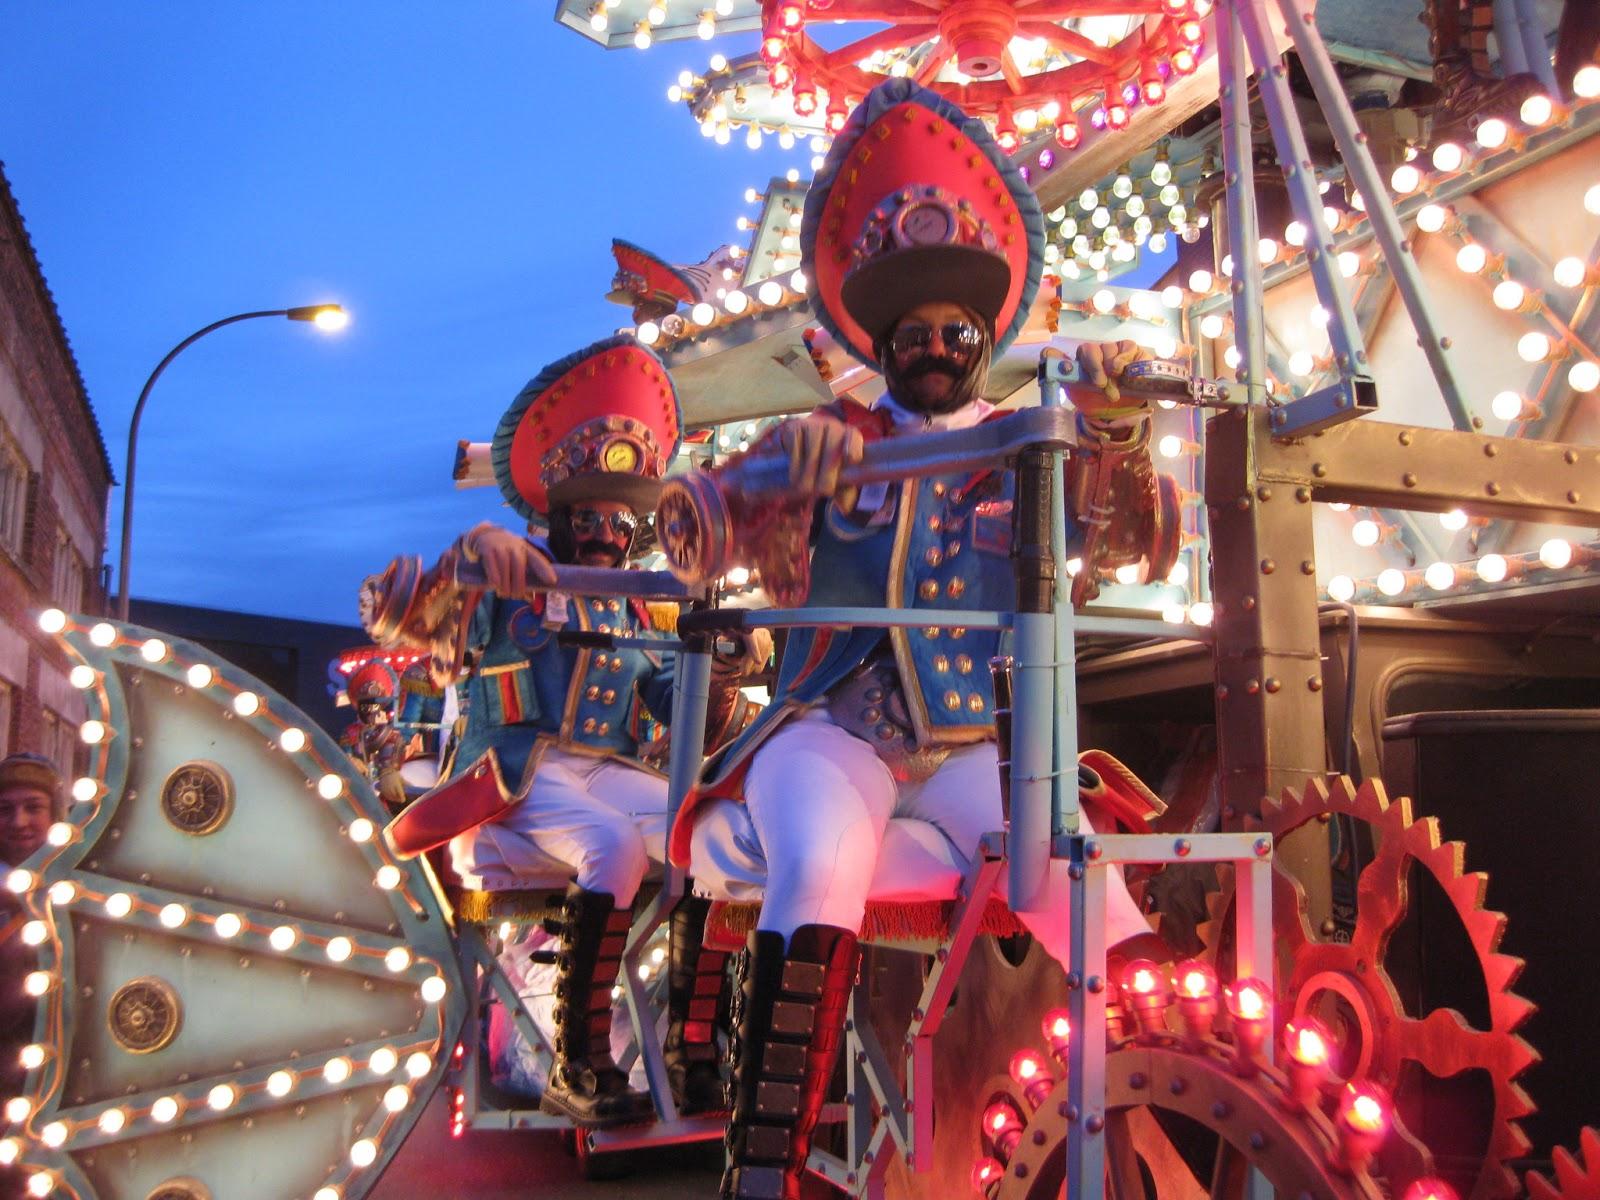 Carnaval Aalst foto- en videoblog: Aalst Carnaval - AKV